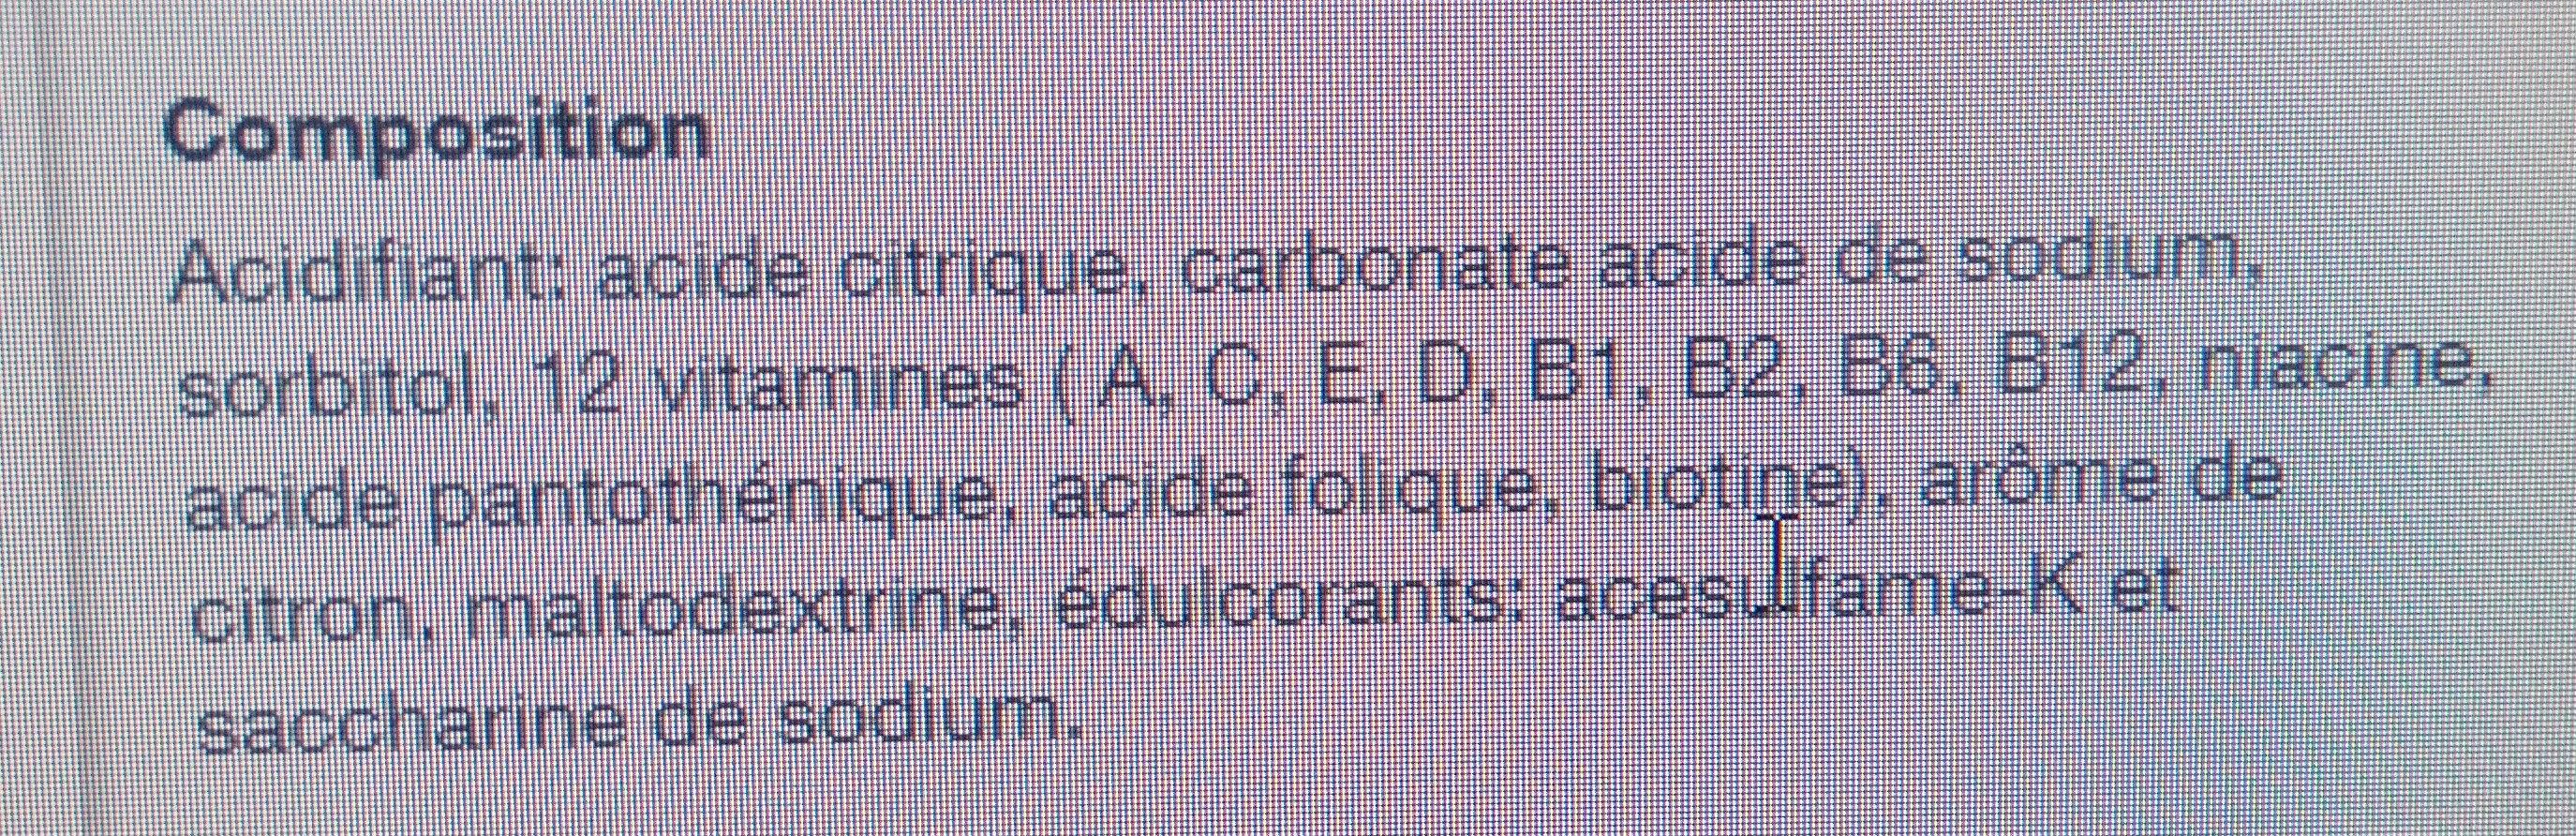 Multivitamin - Ingredienti - fr